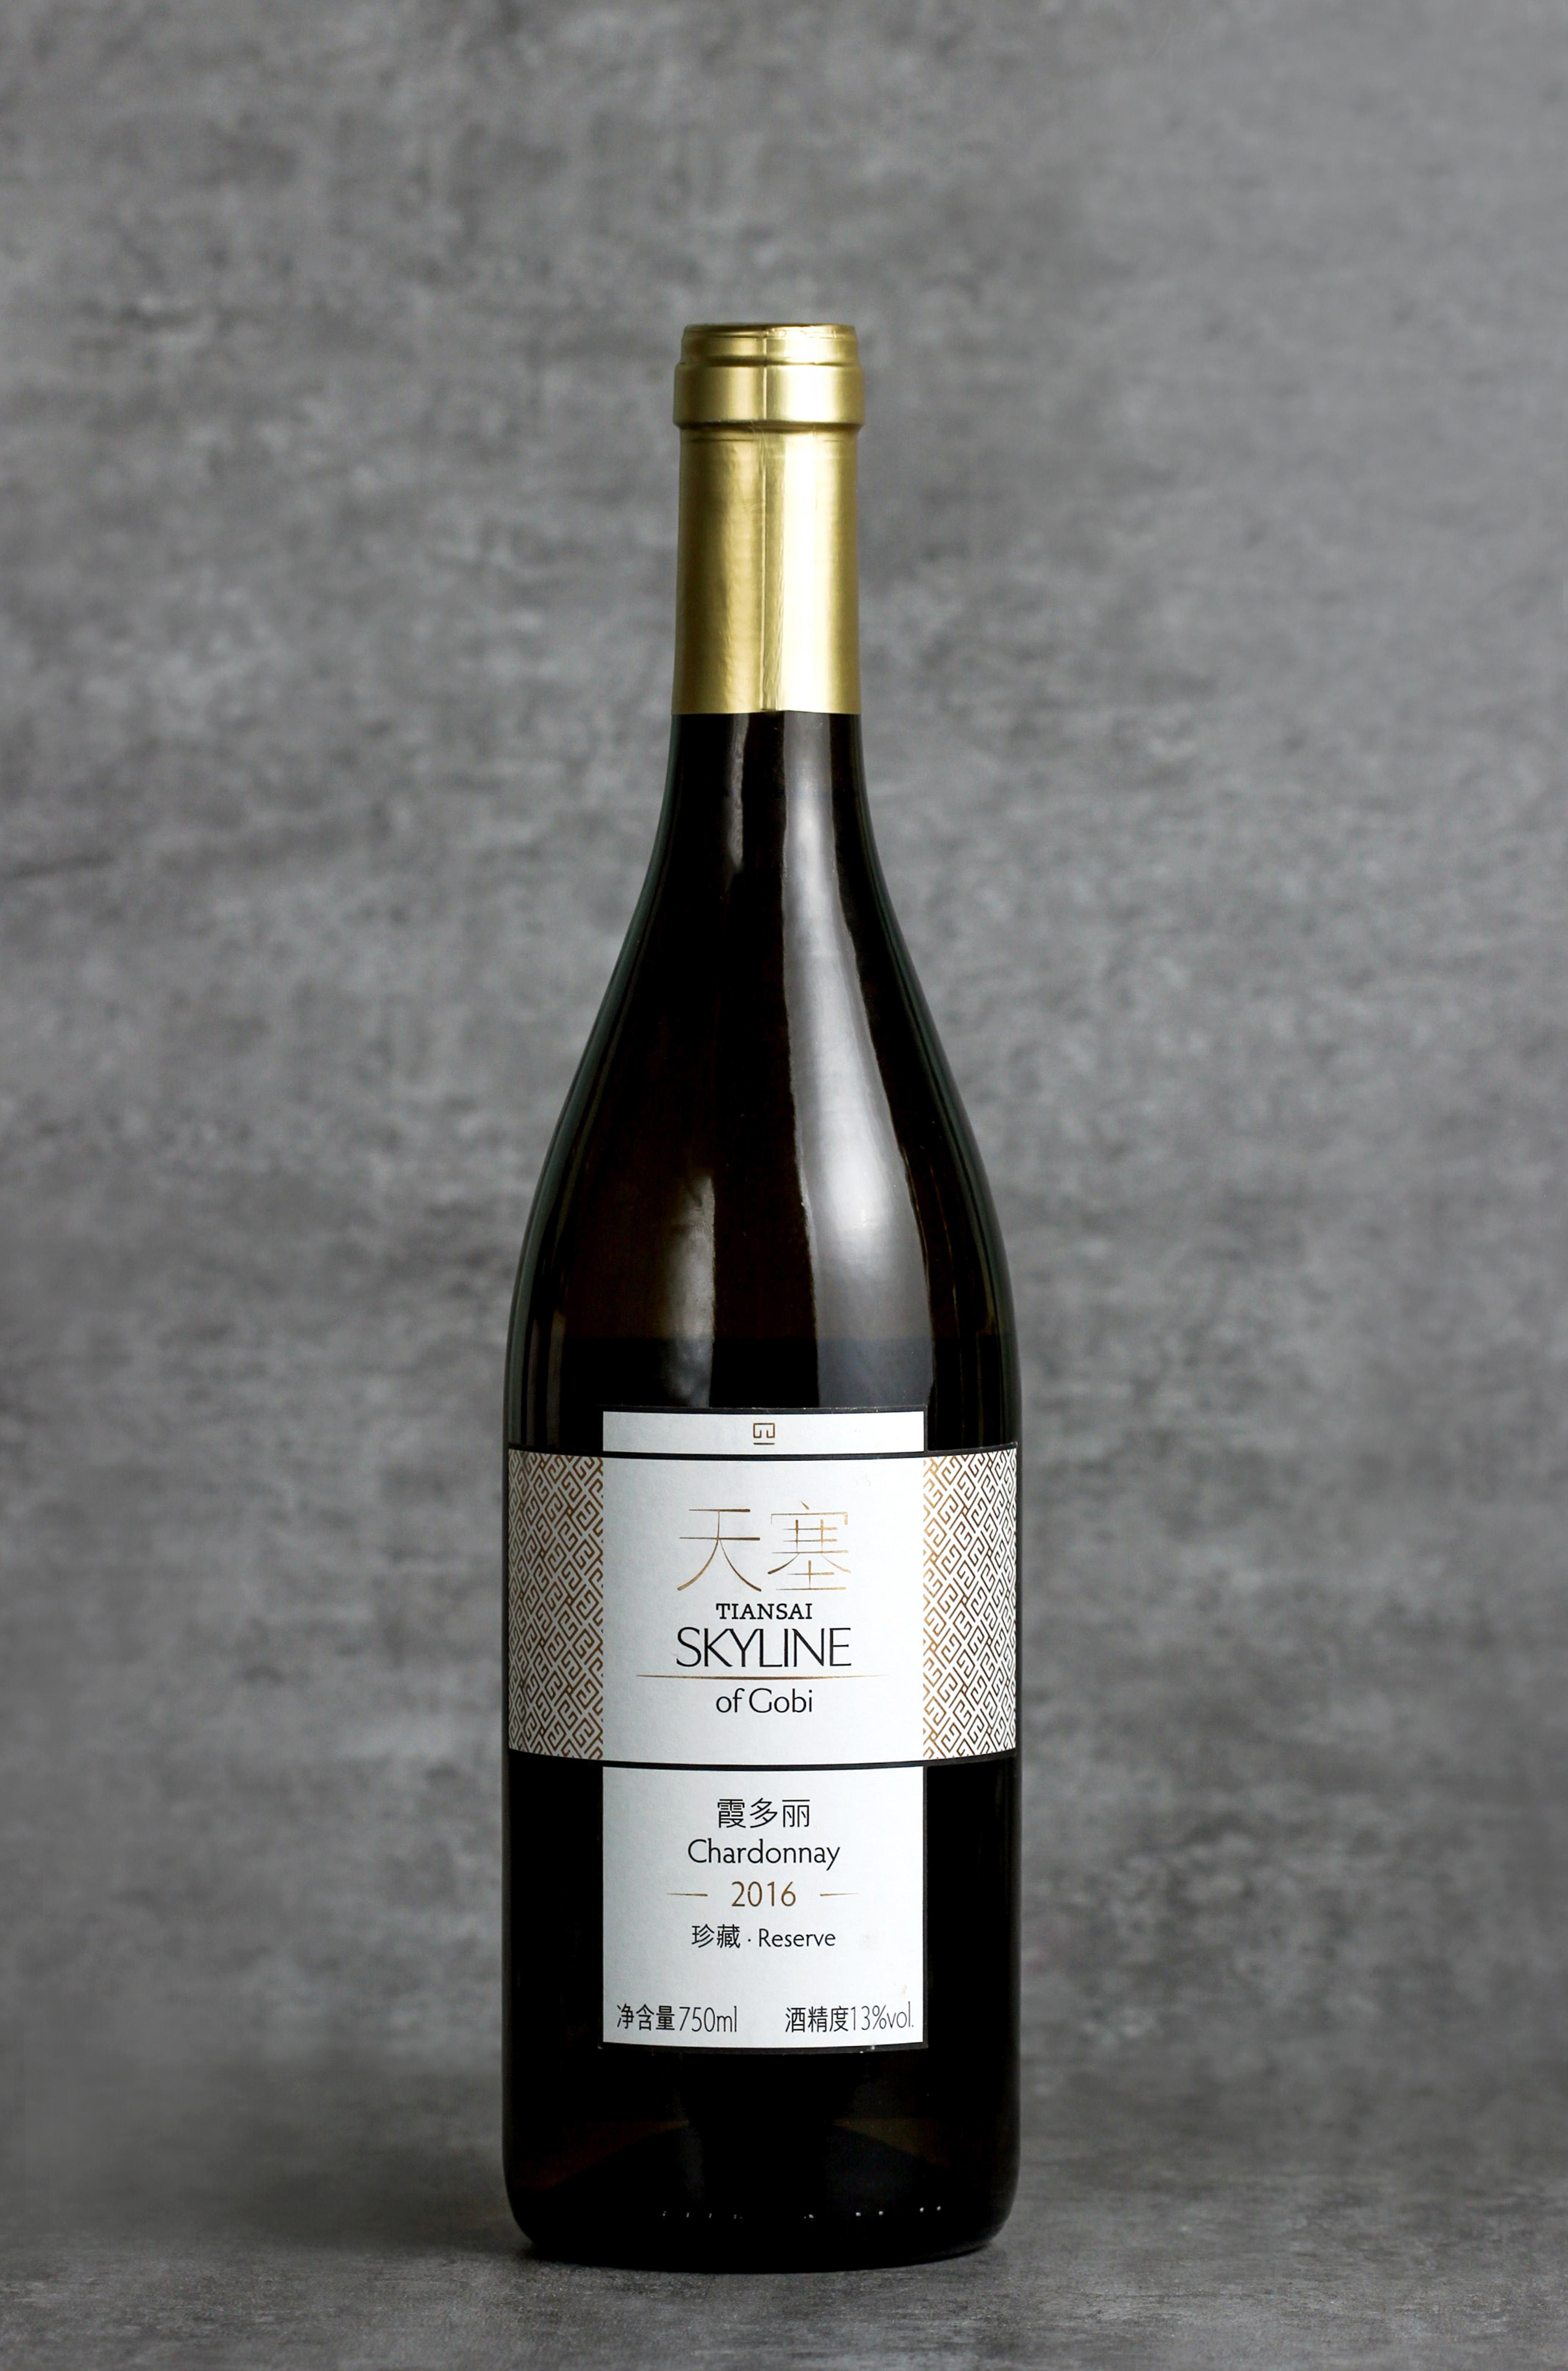 Tiansai Skyline of Gobi Chardonnay 2016